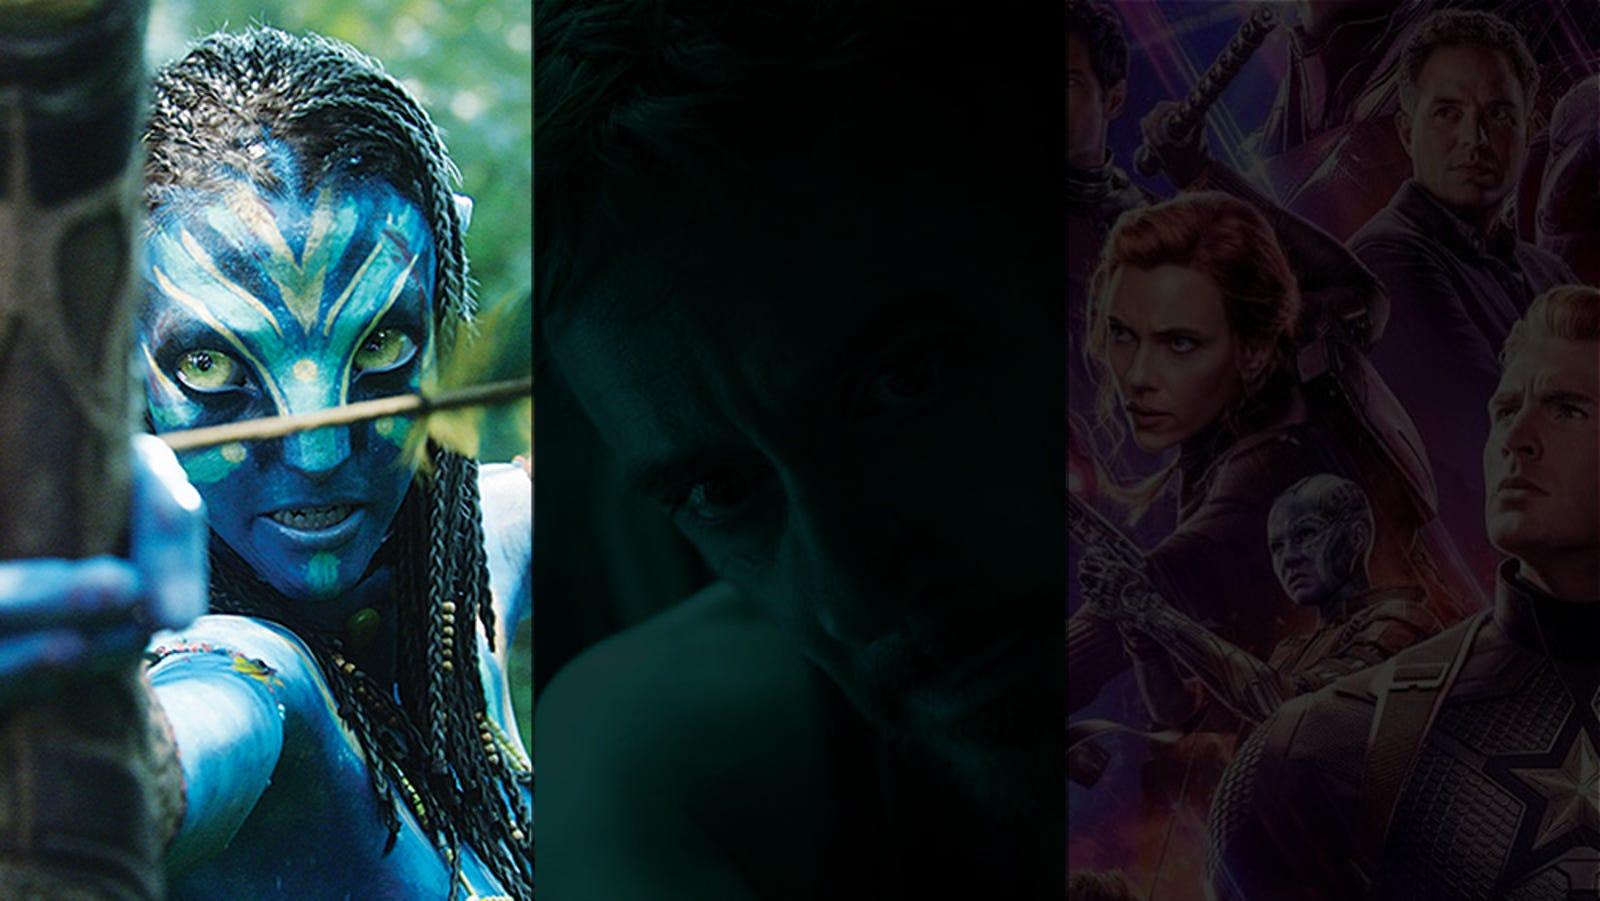 Por qué Avengers: Endgame no será la película más taquillera de la historia aunque alcance a Avatar